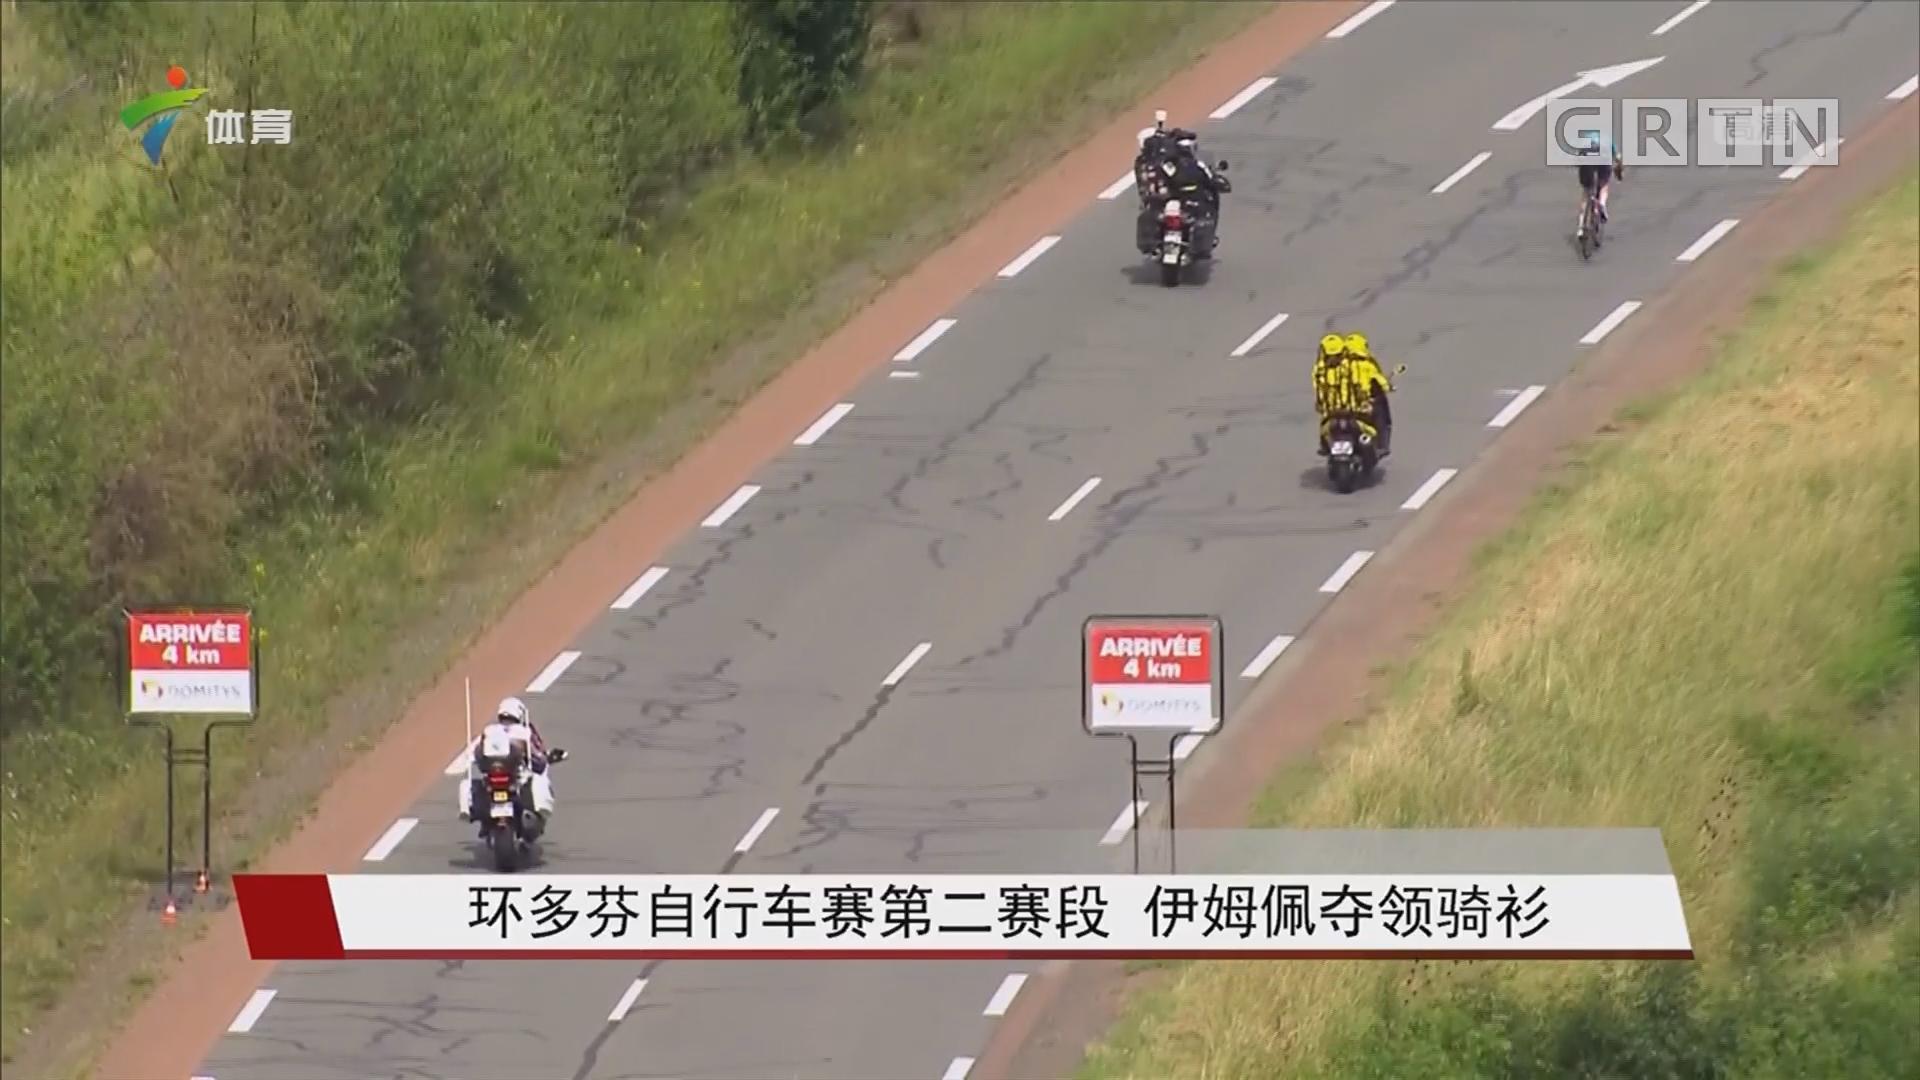 环多芬自行车赛第二赛段 伊姆佩夺领骑衫